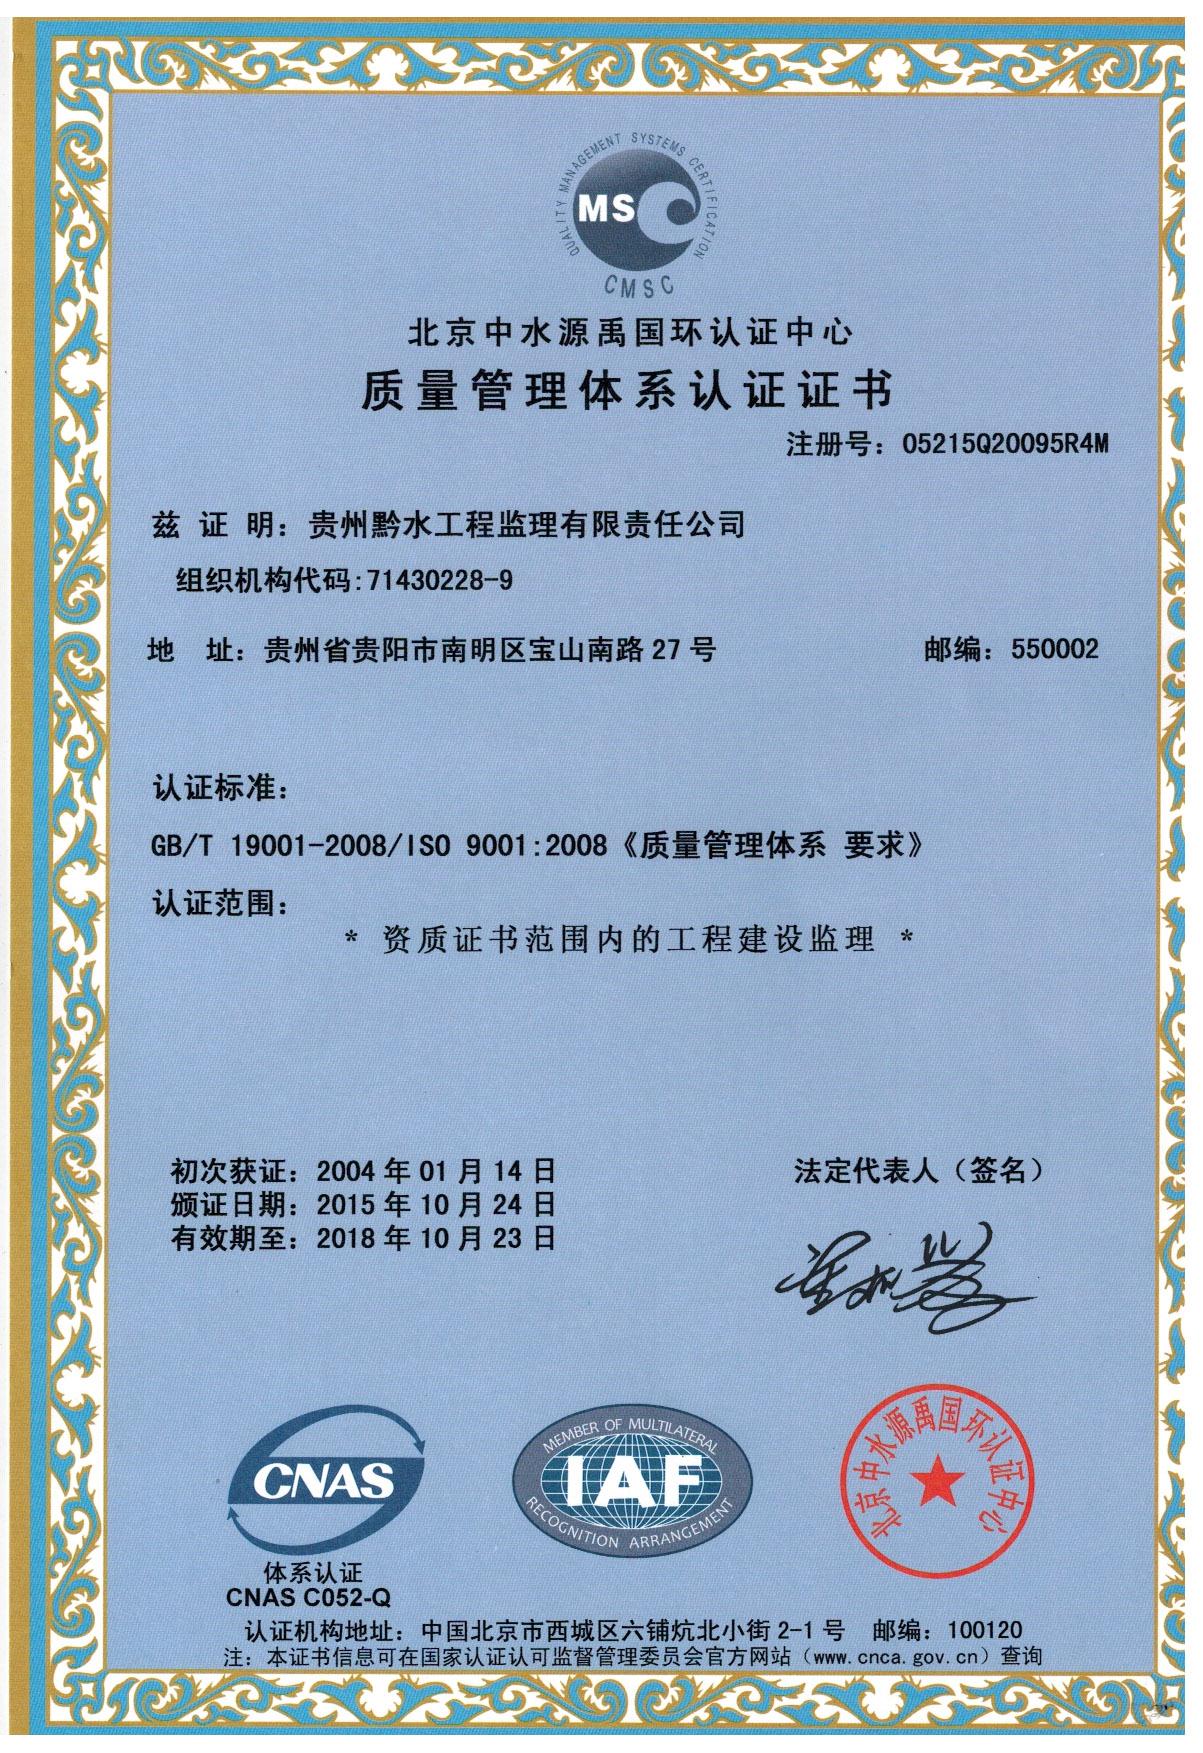 <span>质量管理体系认证证书2015</span>